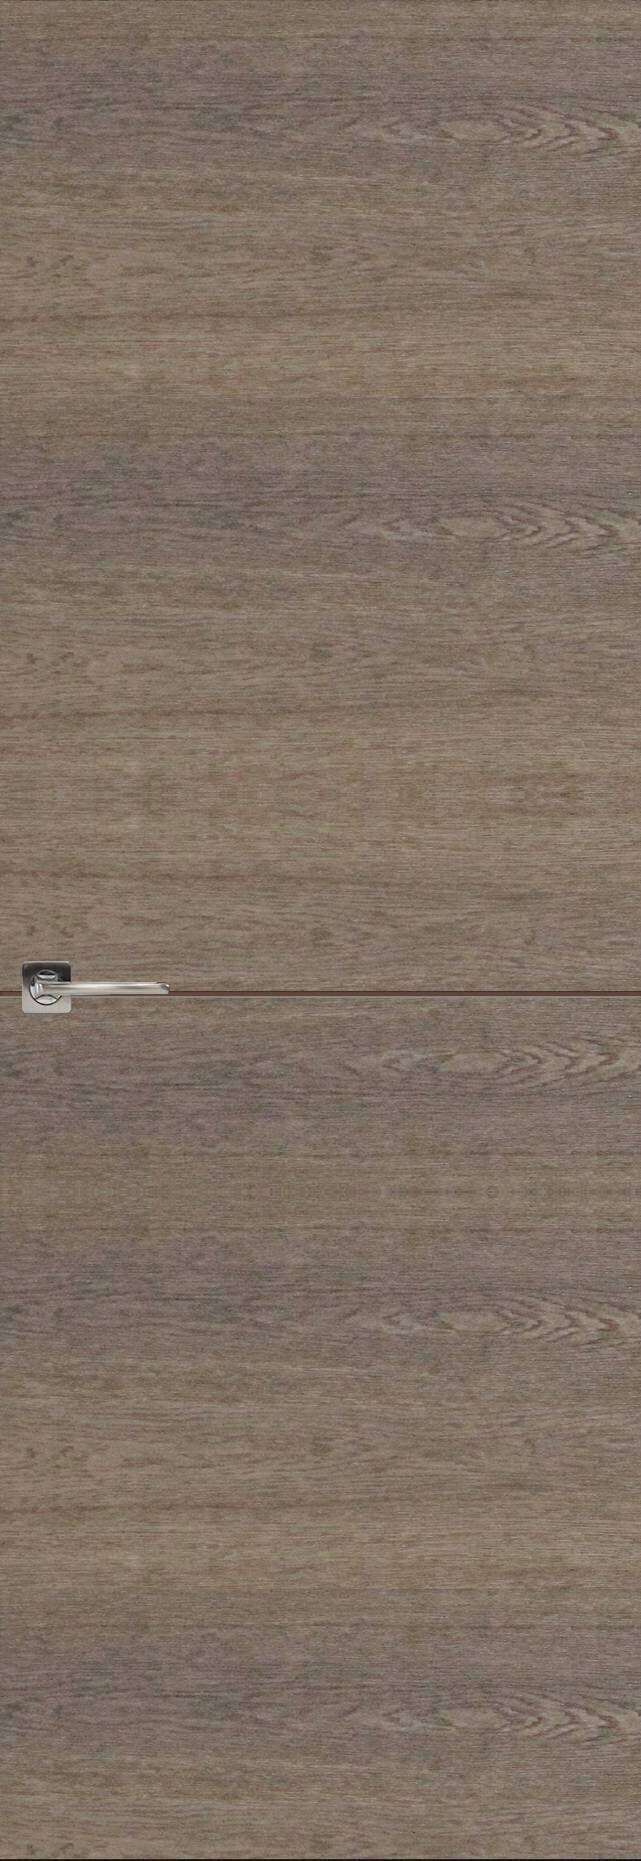 Tivoli Б-2 невидимка цвет - Дуб антик Без стекла (ДГ)